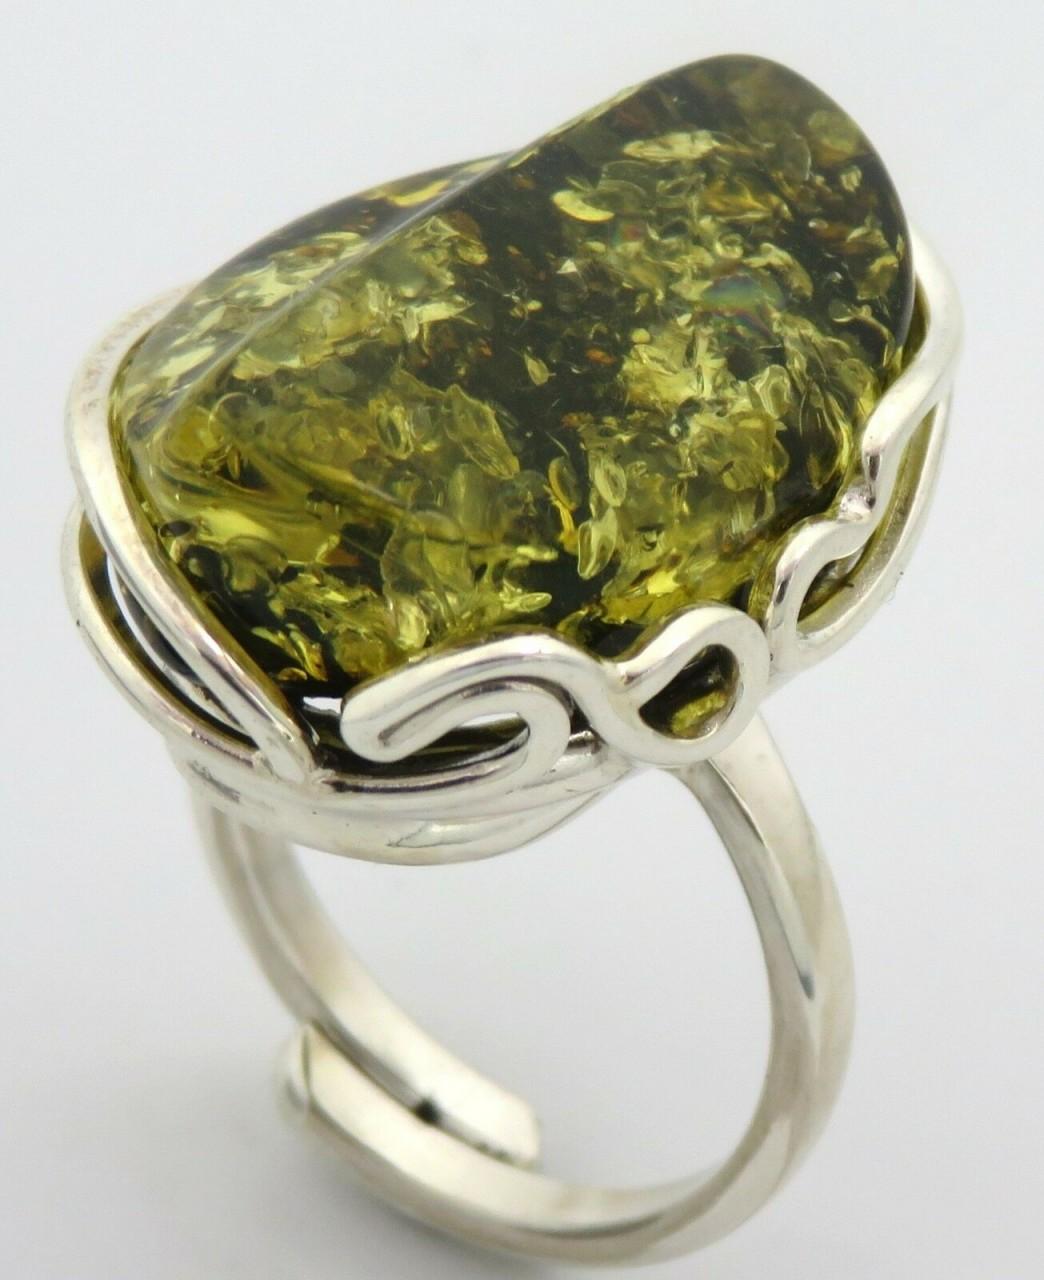 Neu Ring groß echt Natur Bernstein grün Ostsee echt Silber 925 Sterlinsilber Top